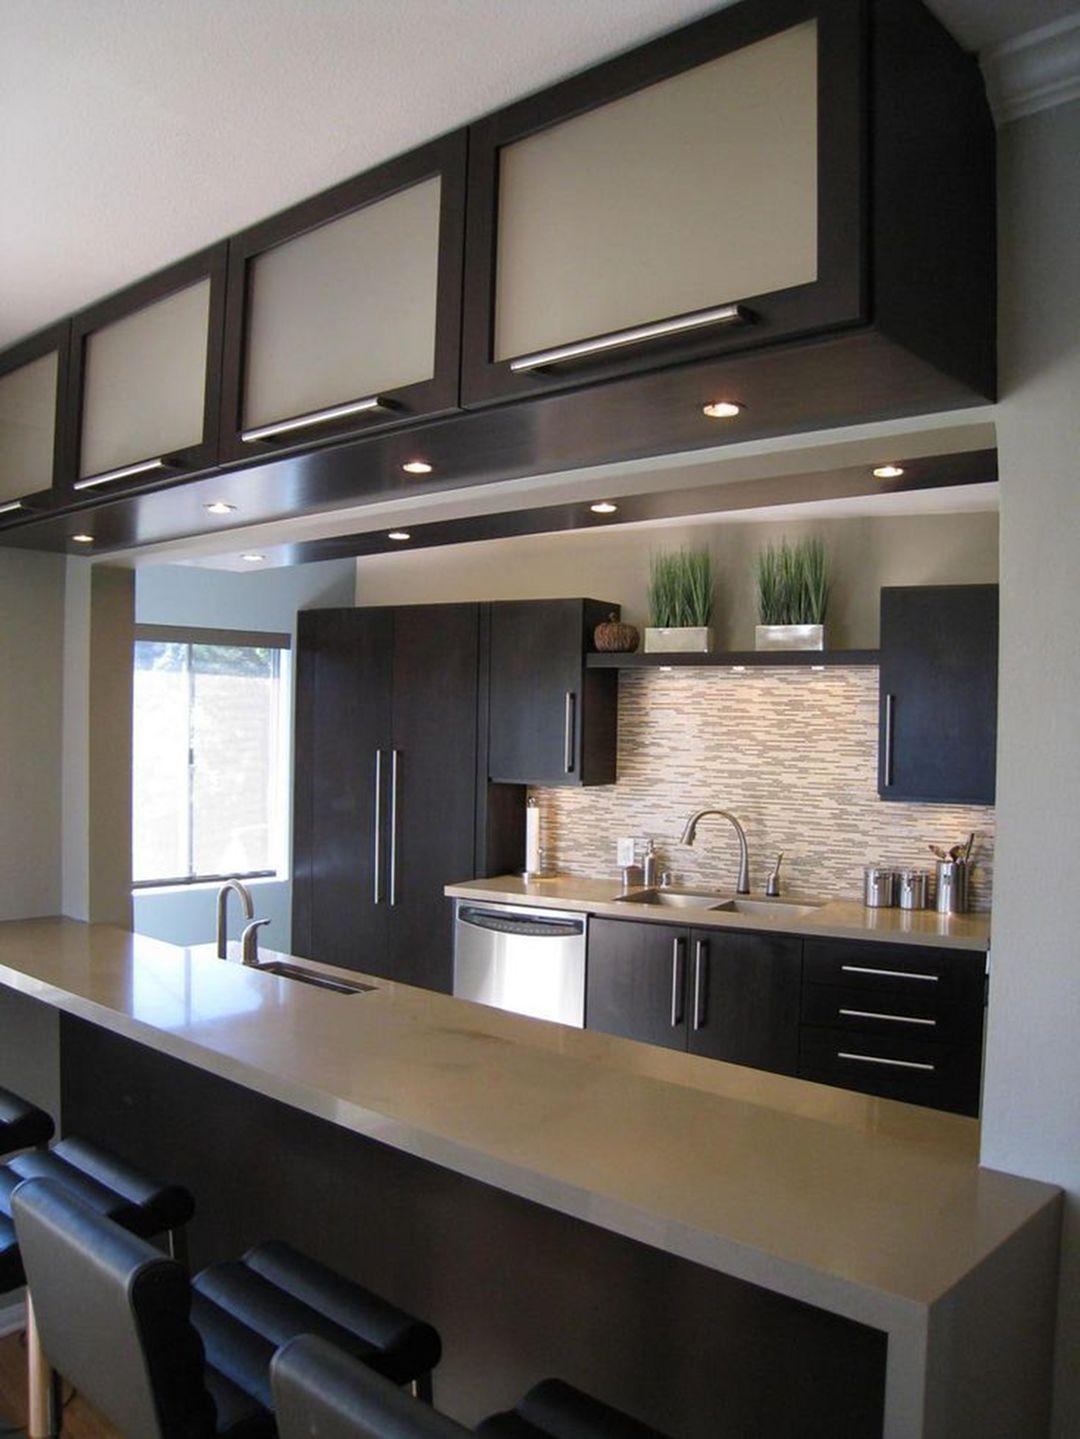 Brilliant 65 Amazing Small Modern Kitchen Design Ideas Https Decoor Net 65 Amazing S Small Modern Kitchens Kitchen Remodel Small Kitchen Design Modern Small